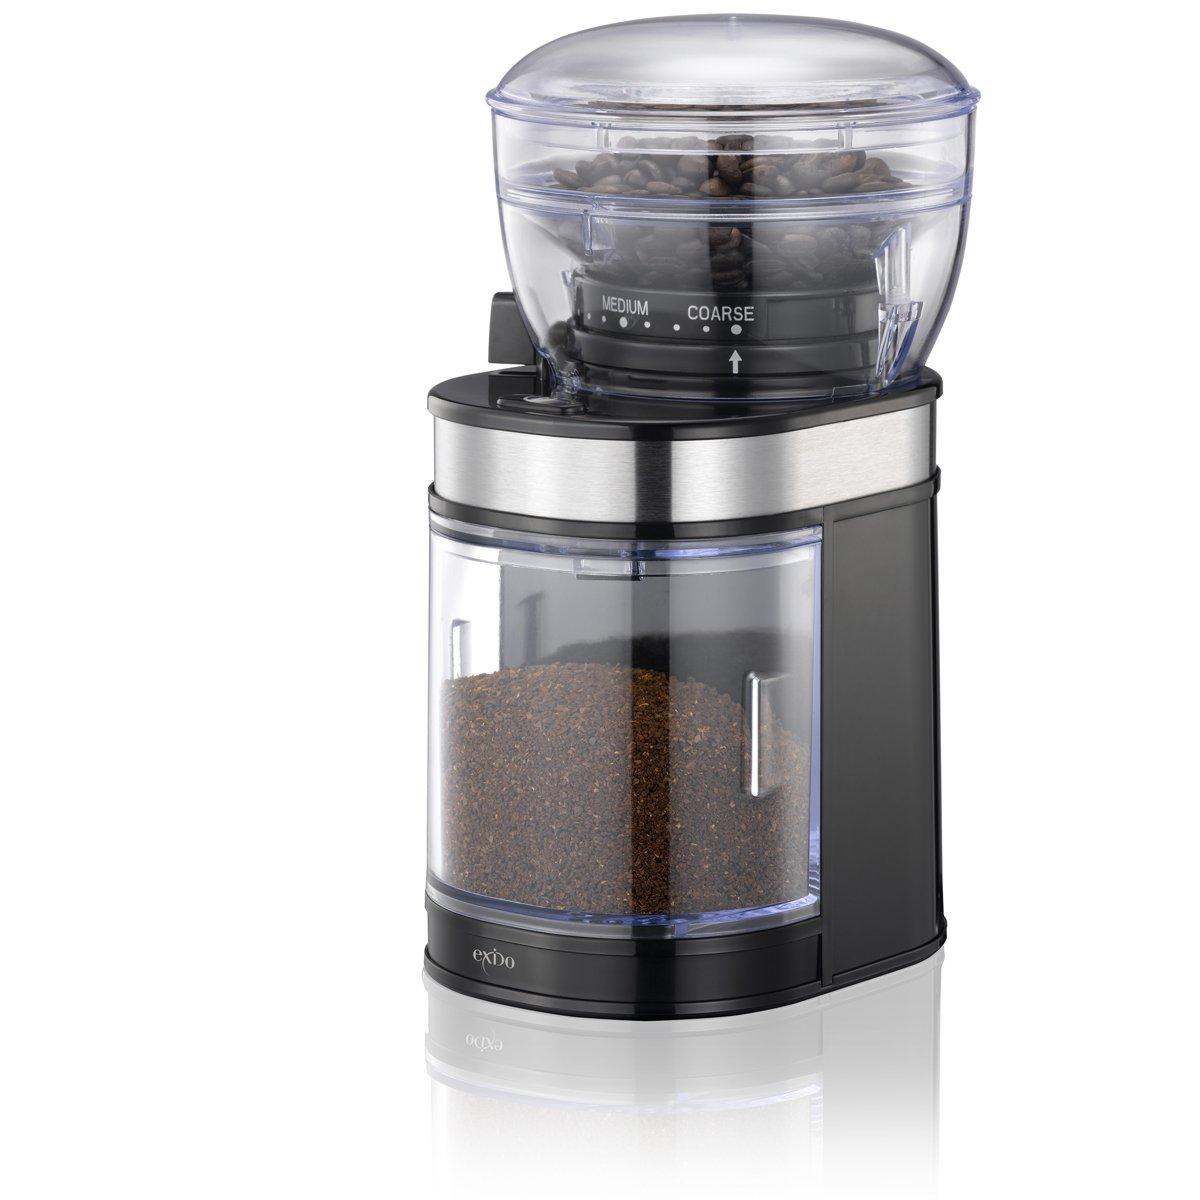 Amazon.de: Elektrische Kaffee-Mühle mit Keramik-Mahlwerk, 80g ...